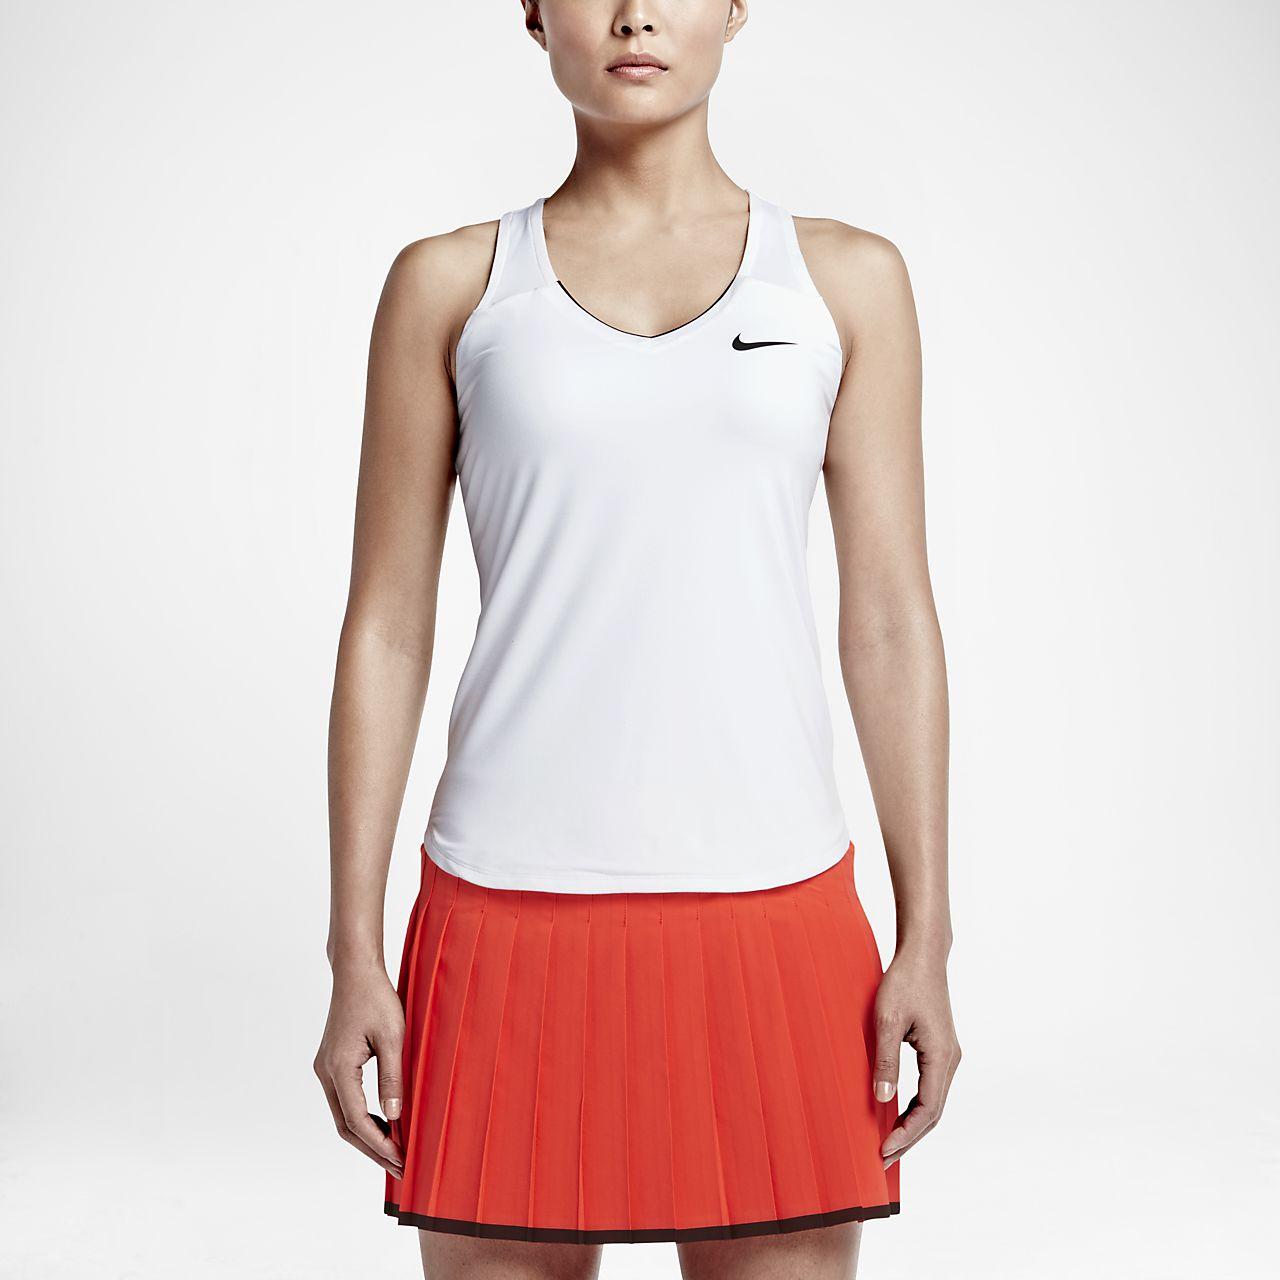 buy online 4e1b7 a461f ... Débardeur de tennis NikeCourt Team Pure pour Femme